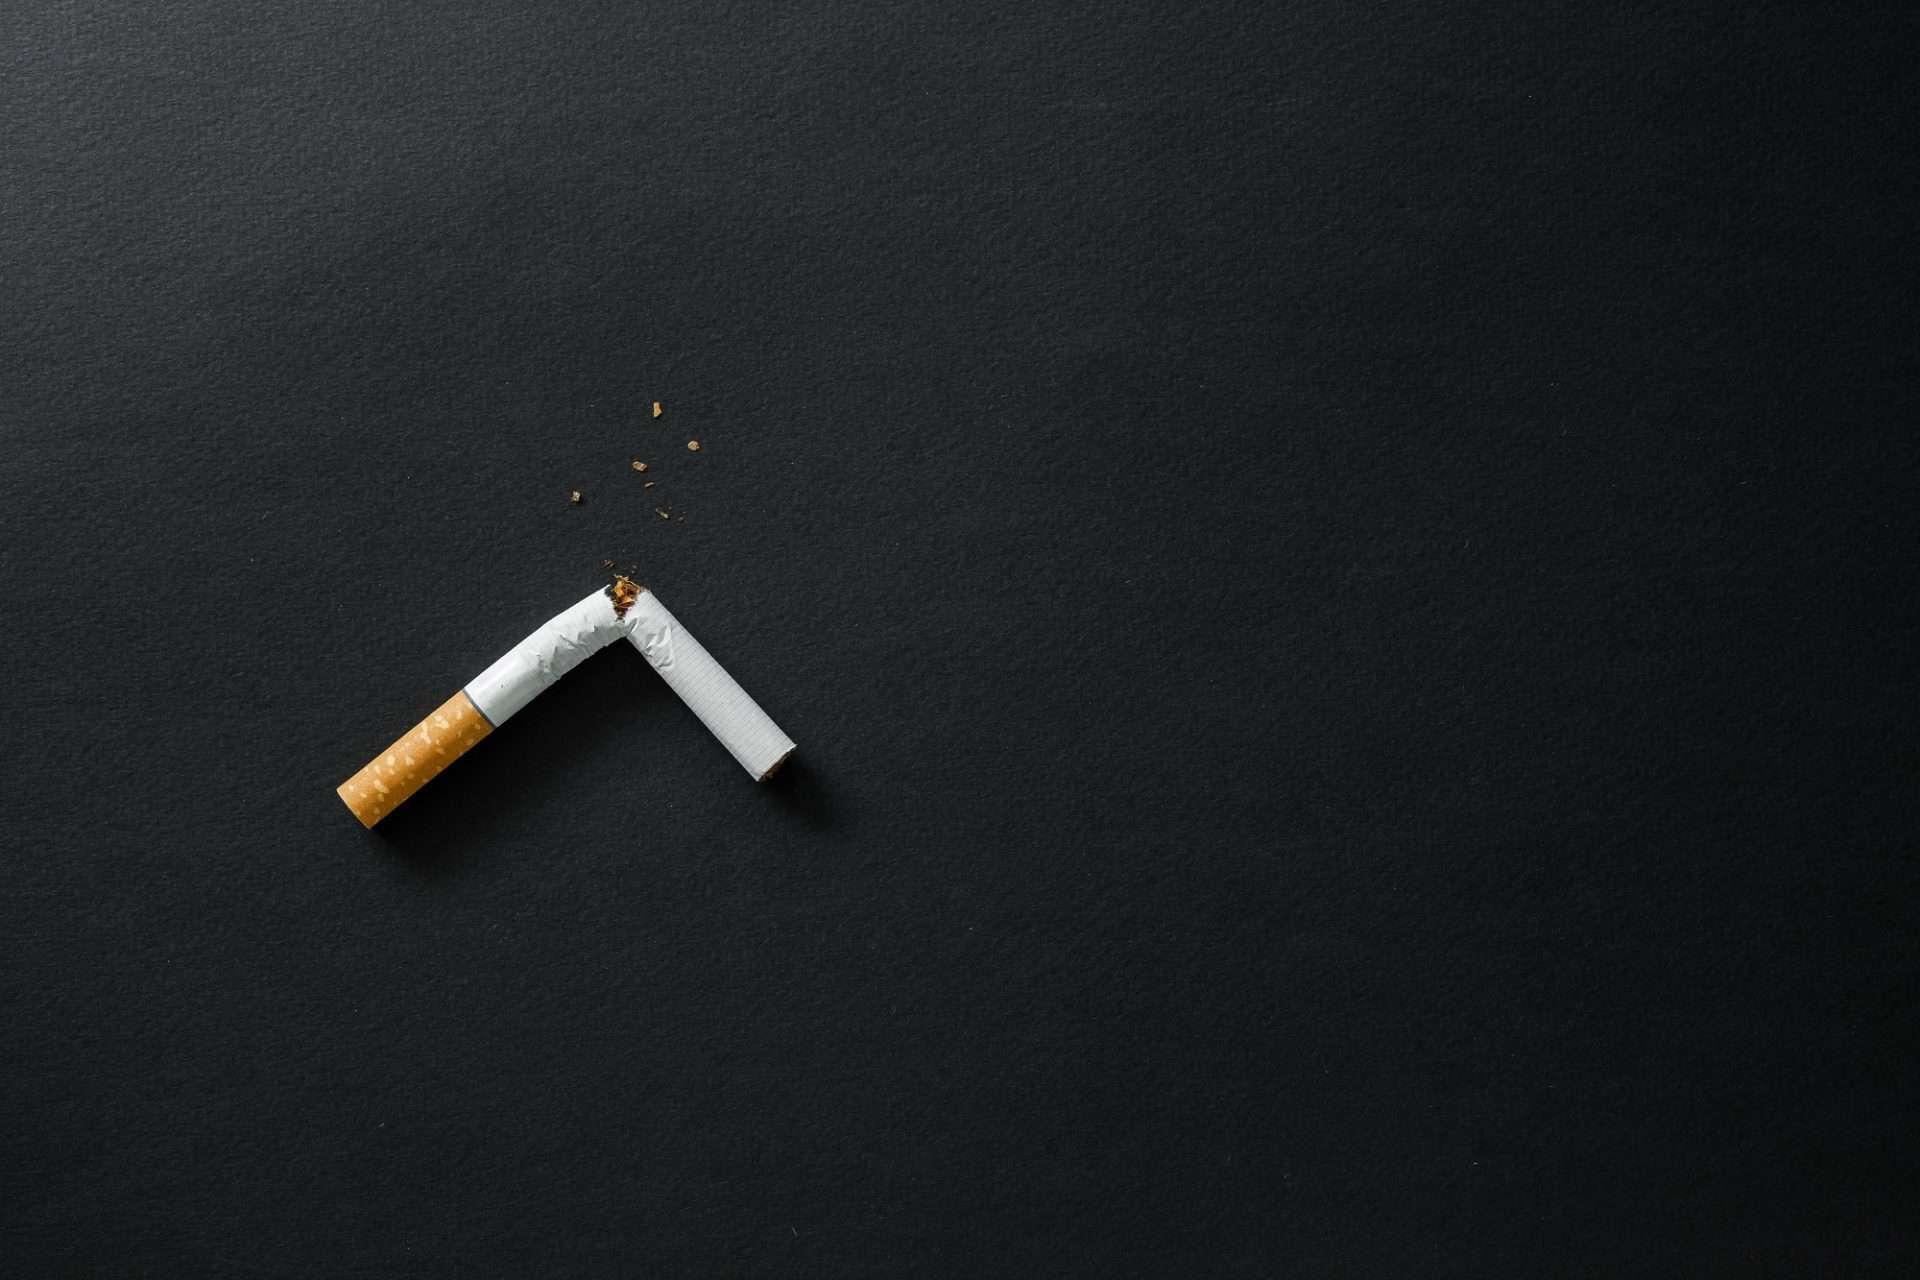 Quit Smoking to reduce Radon Cancer Risk